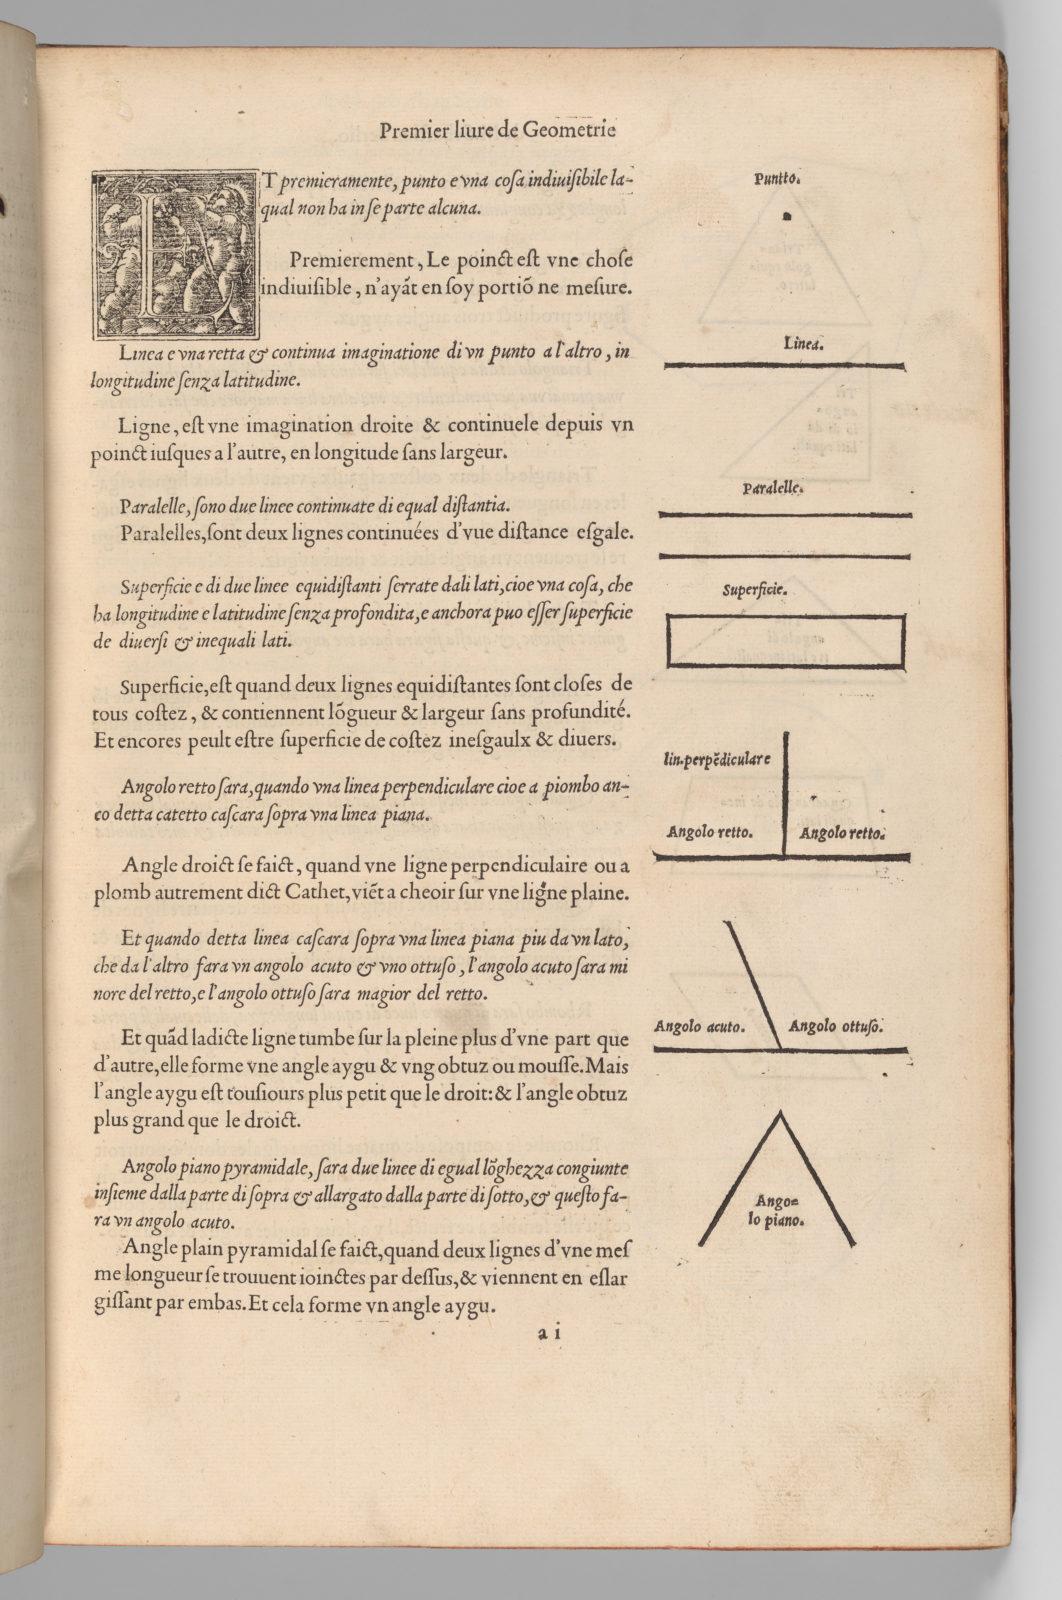 Il primo libro d'architettura di Sebastiano Serlio Bolognese. Il secondo libro di perspecttia di Sebastiano Serlio, Bolognese.